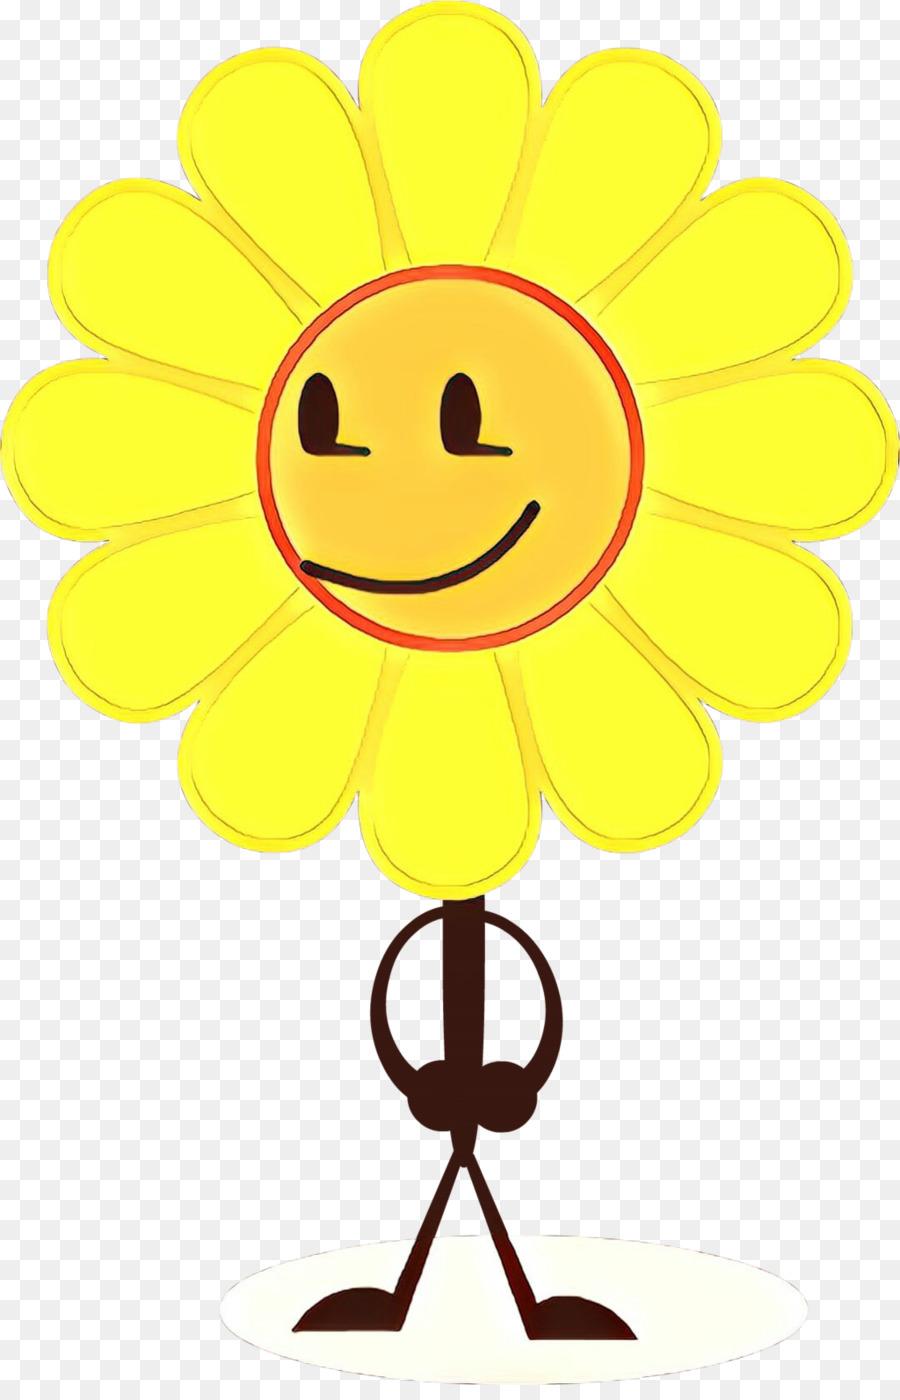 Descarga gratuita de Girasol, Amarillo, La Expresión Facial imágenes PNG